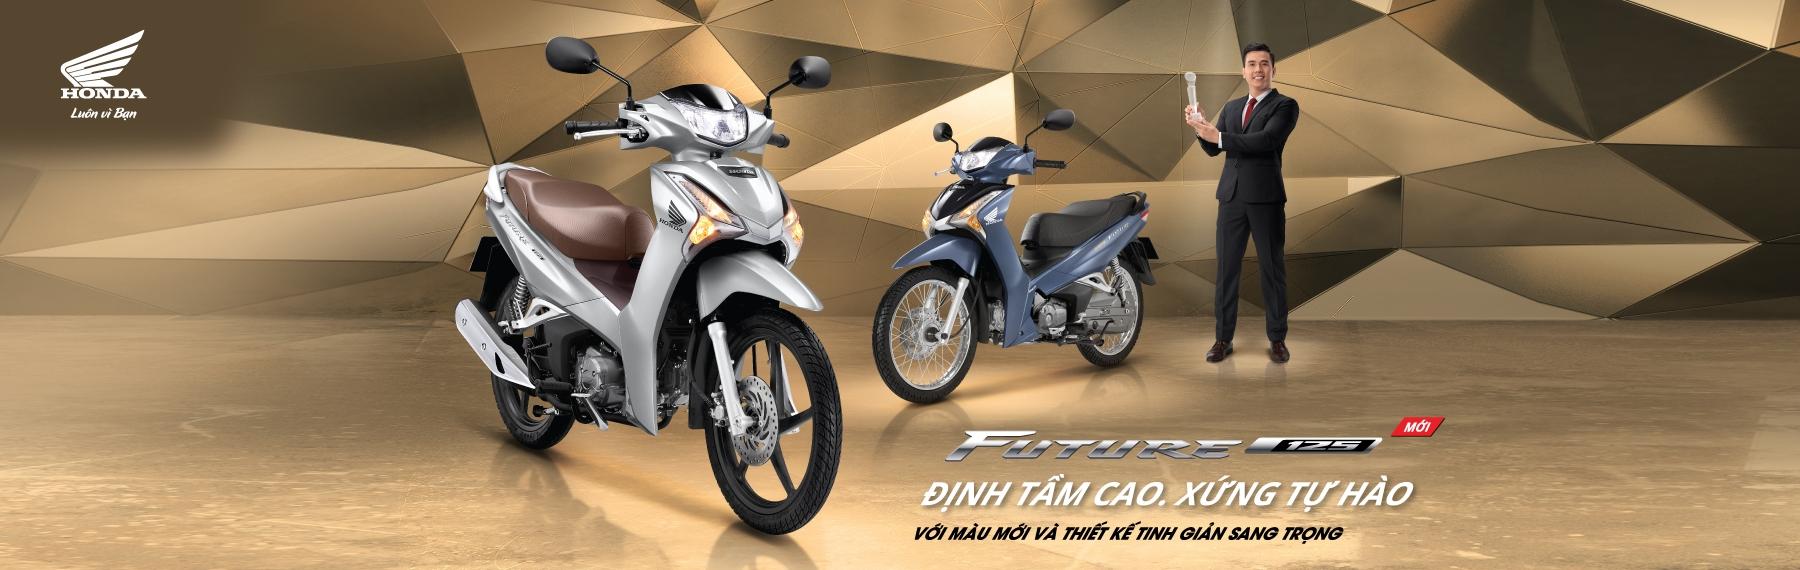 Future FI 125cc phiên bản mới – Định tầm cao, xứng tự hào